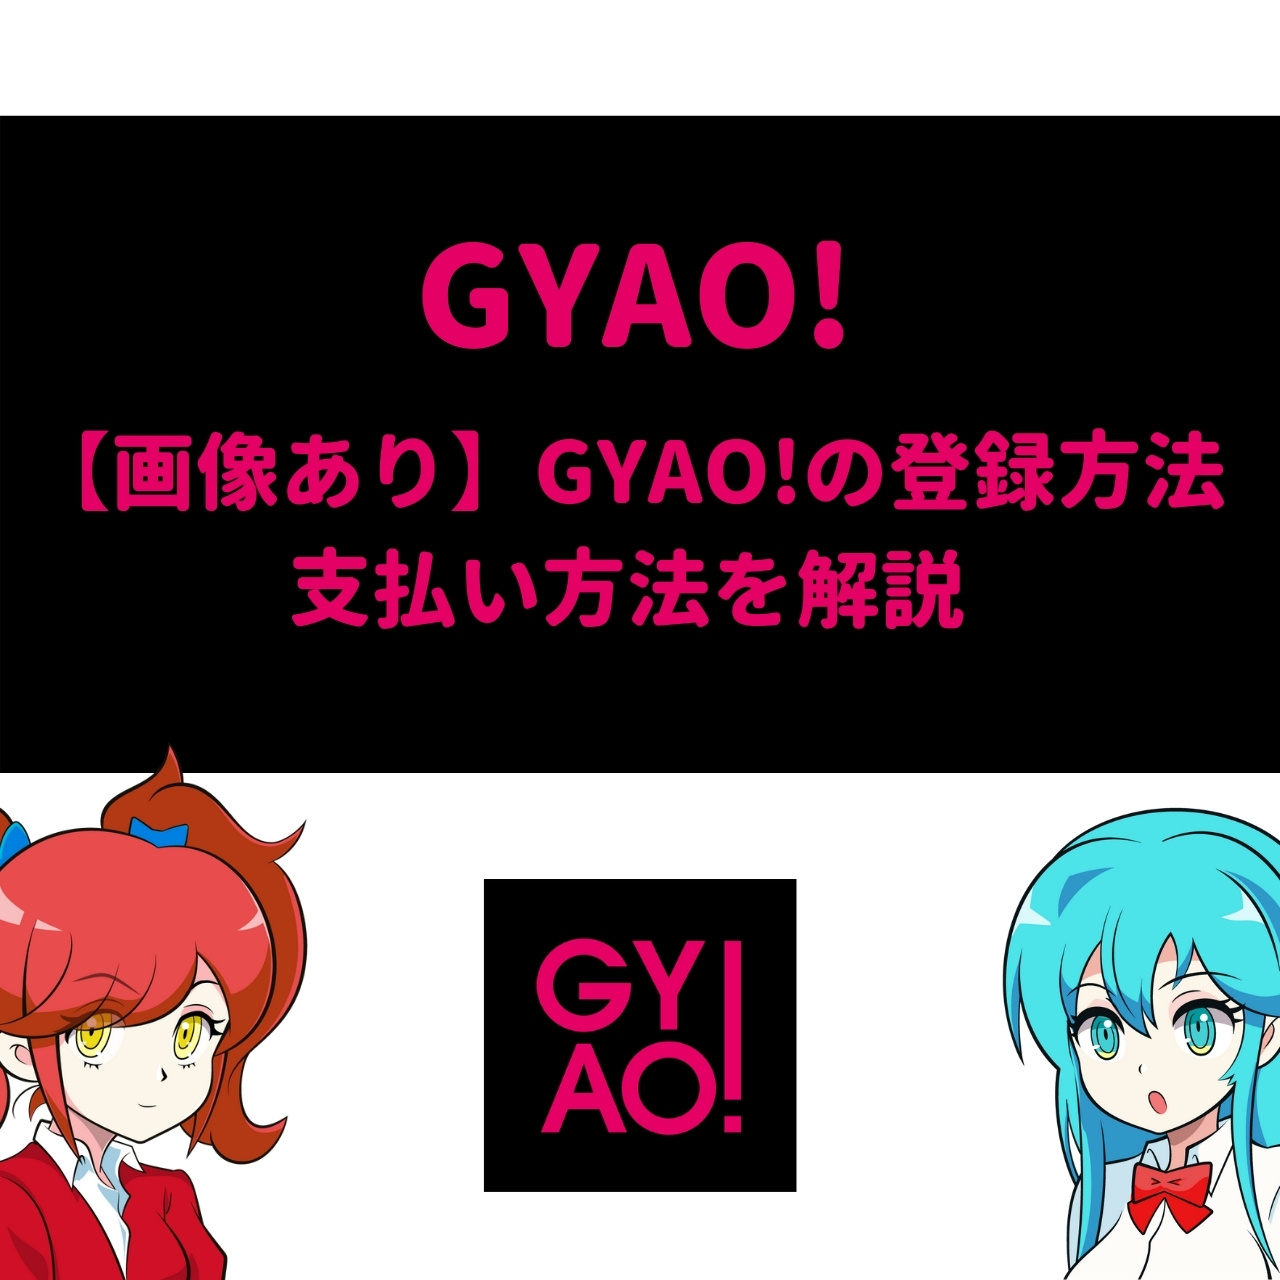 【画像あり】GYAO!(ギャオ)の登録方法・支払い方法を解説